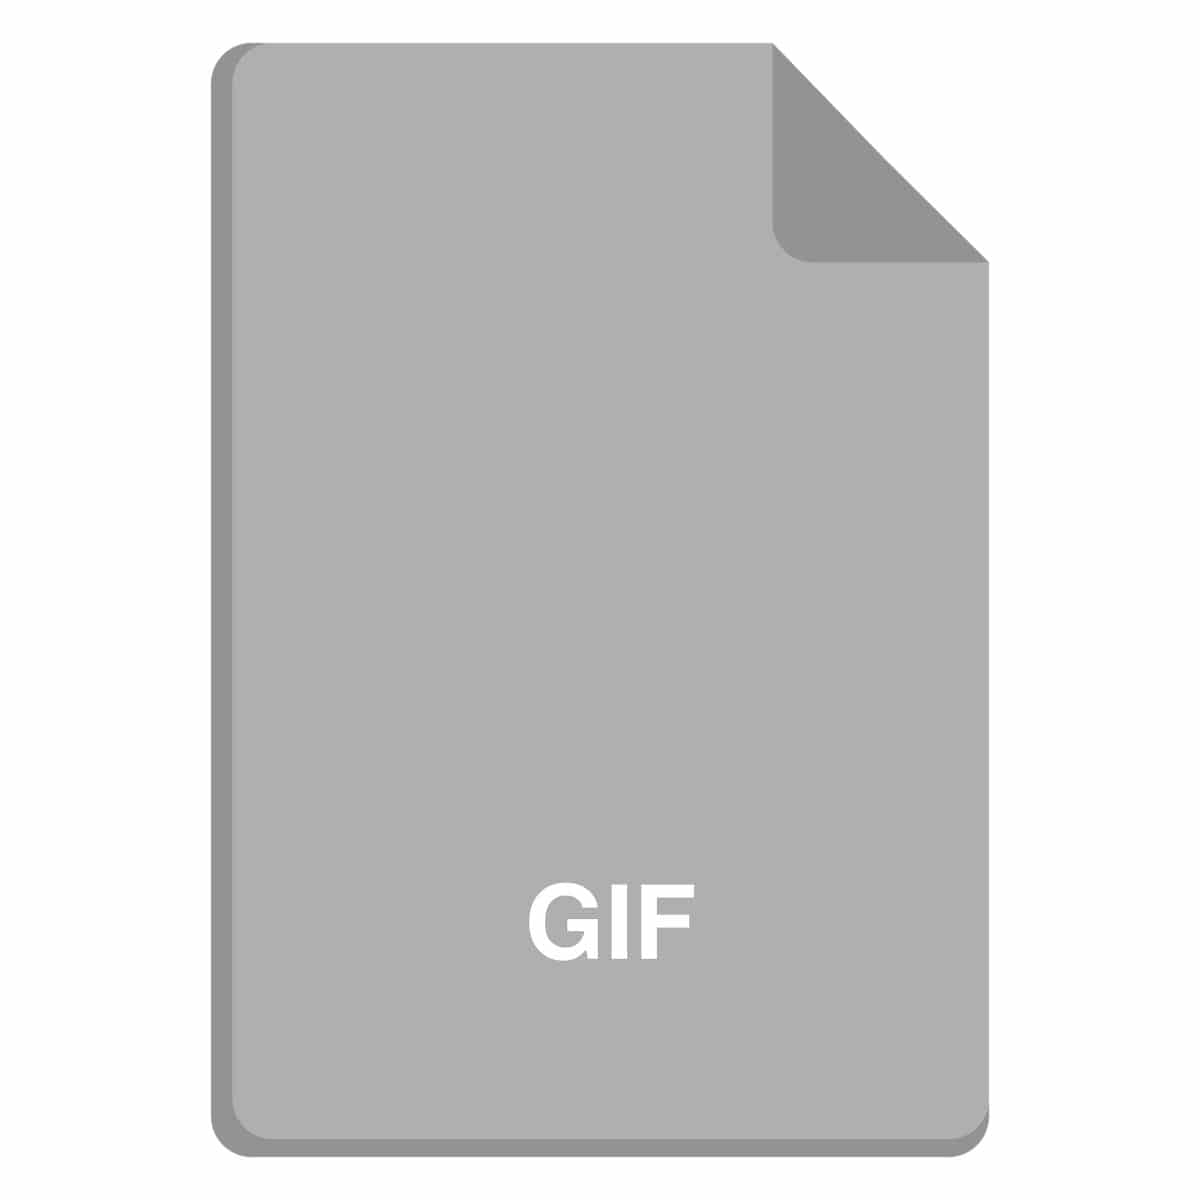 formatos de imagen GIF